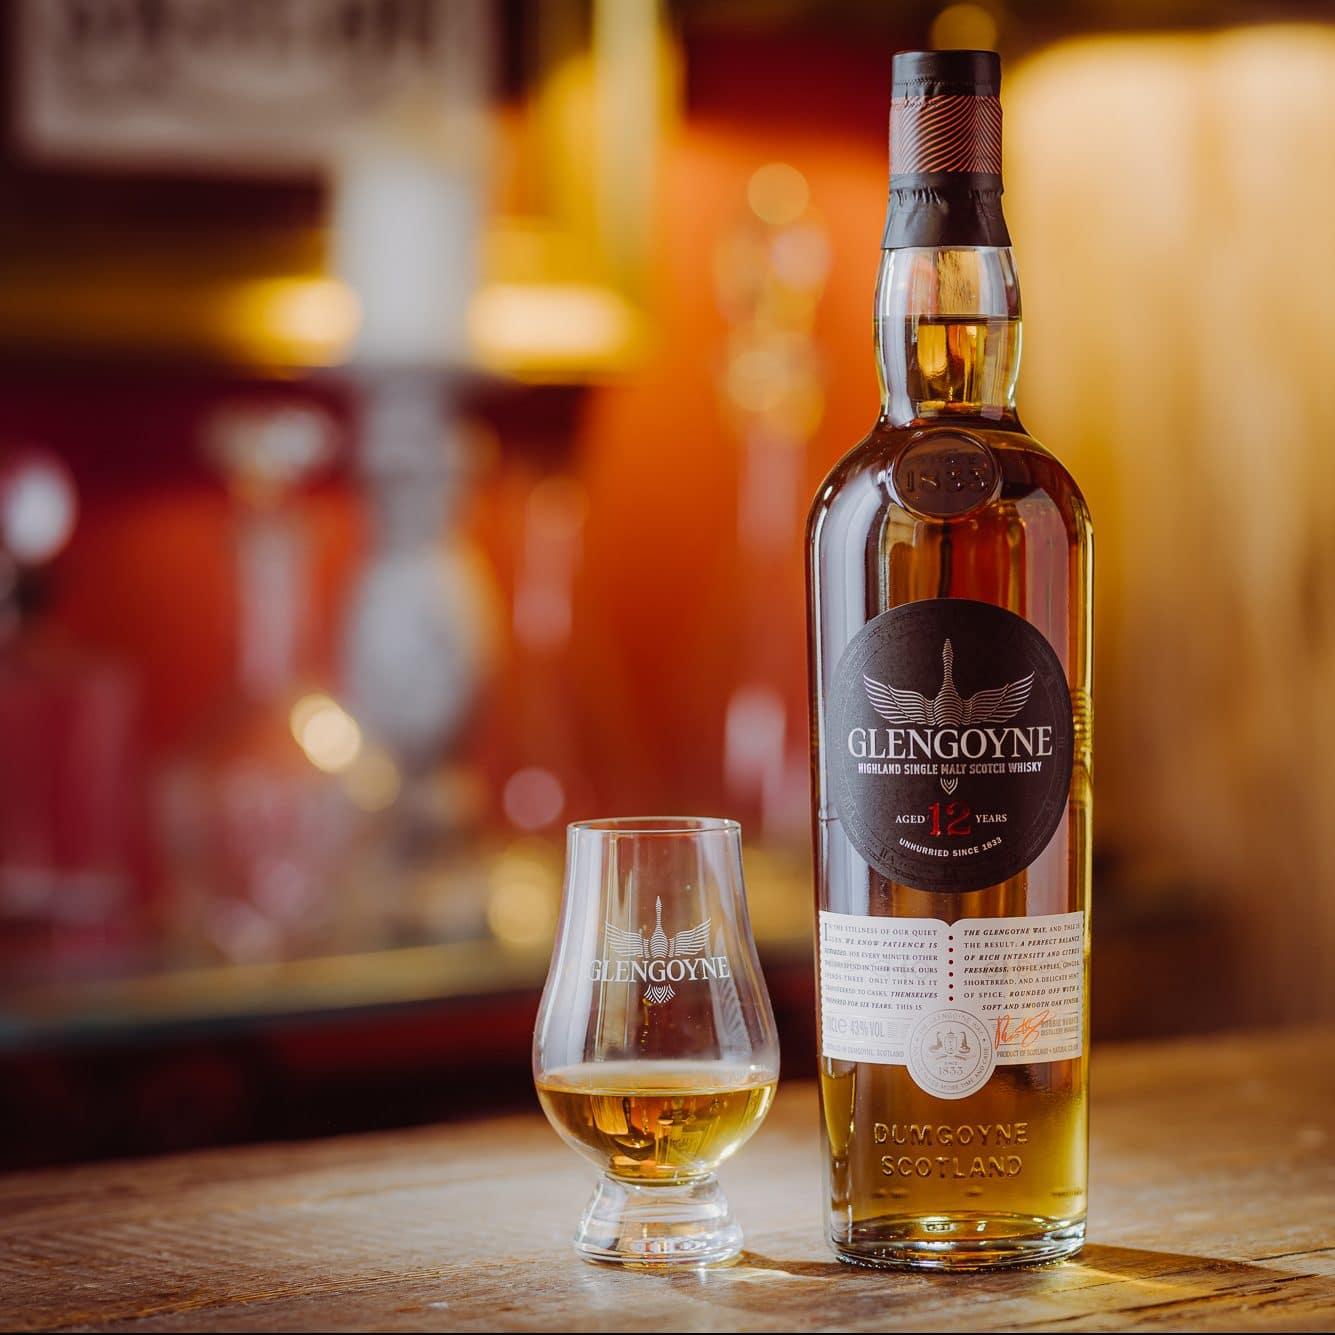 Billede af Glengoyne Whisky og flaske